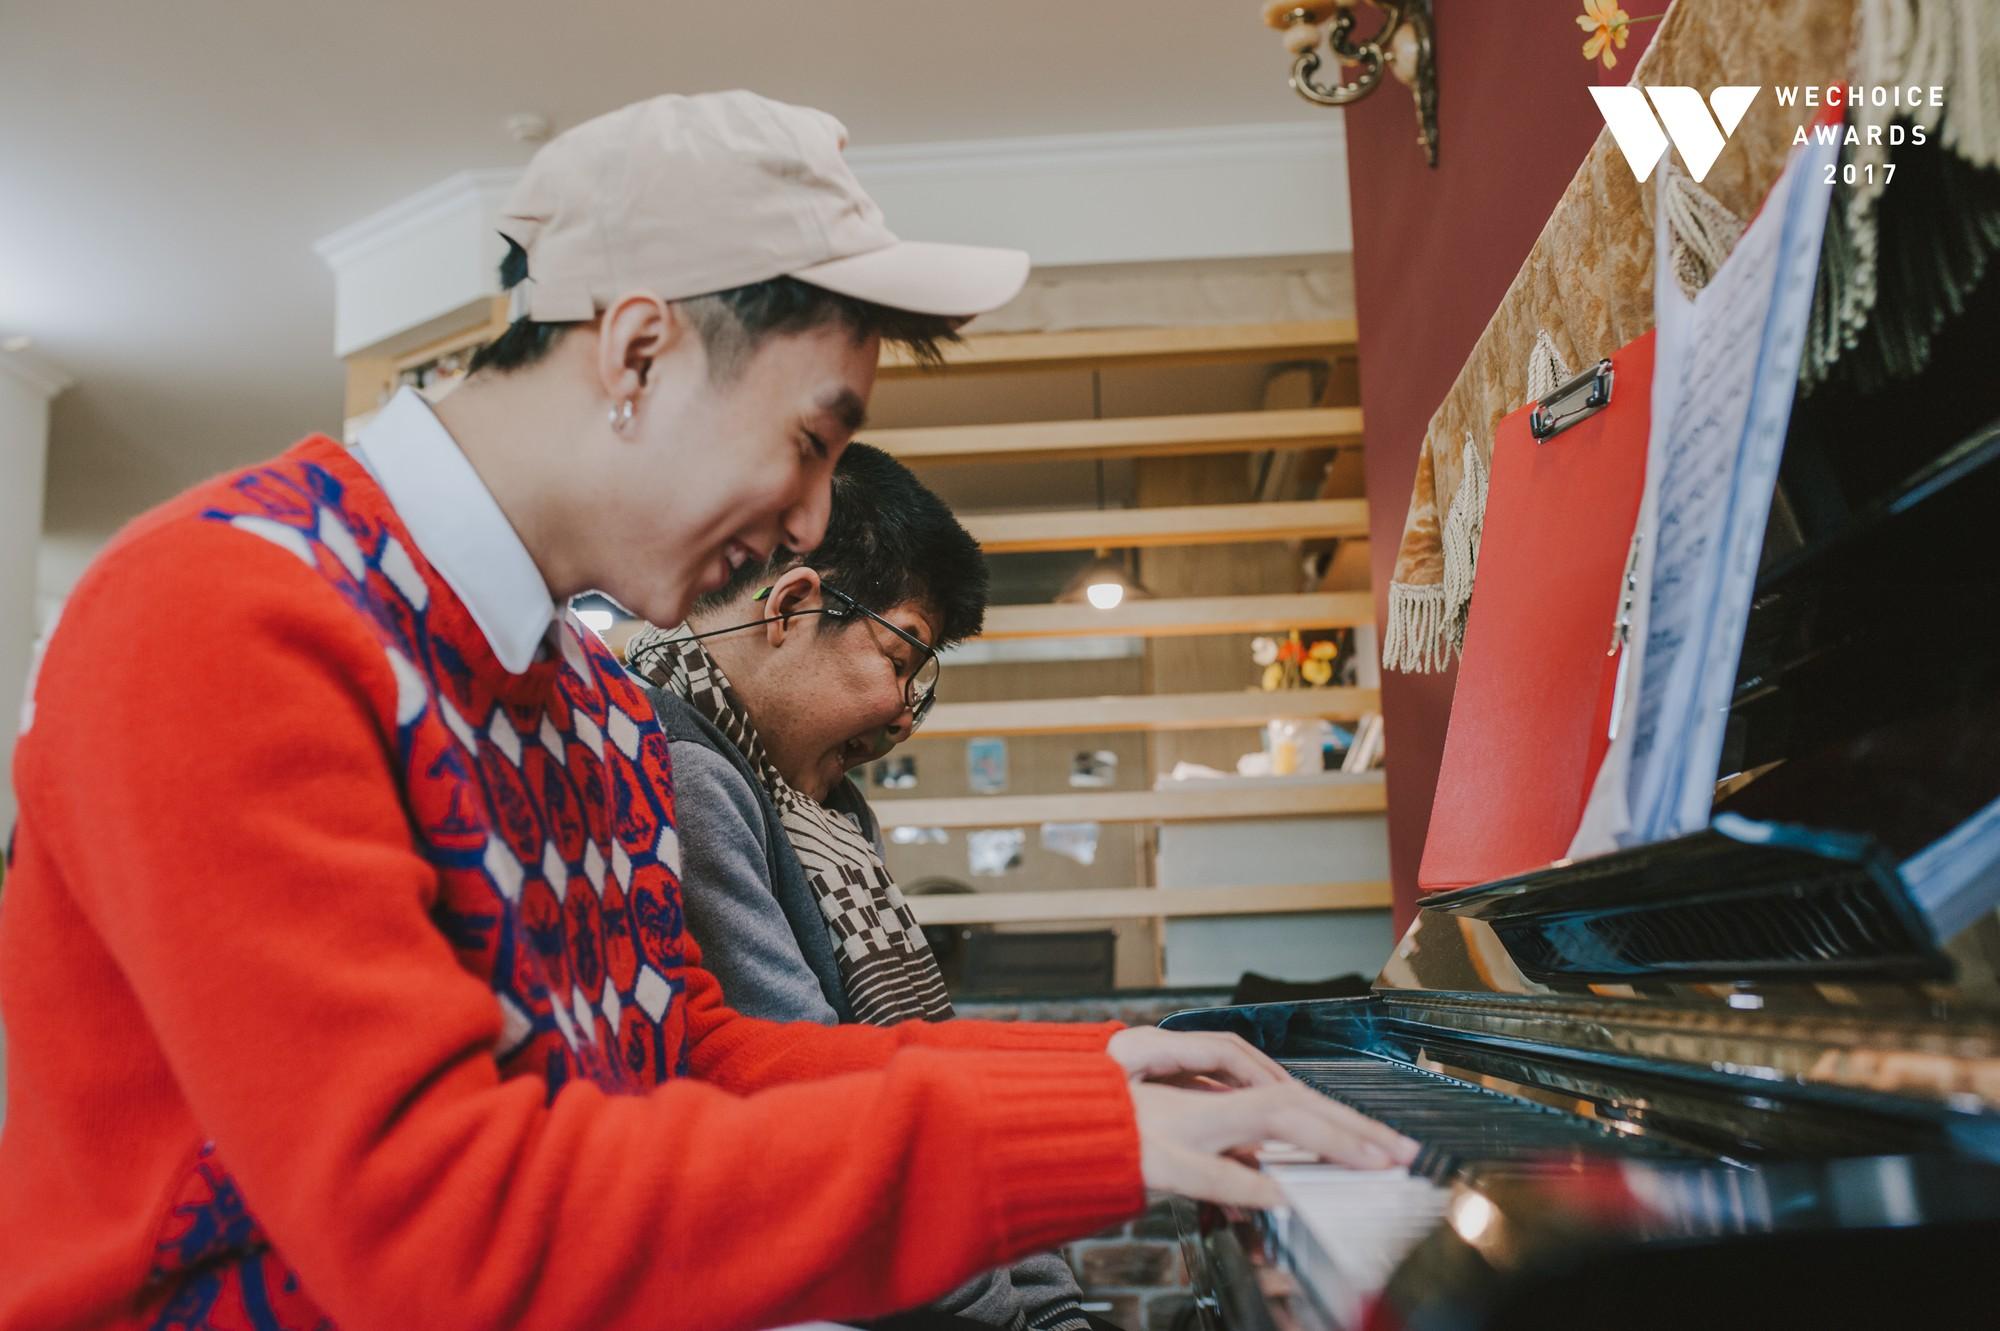 Khoảnh khắc đẹp: Sơn Tùng và bé Bôm hoà chung đam mê qua tiếng đàn, tập luyện cho sân khấu đặc biệt Gala WeChoice Awards 2017 - Ảnh 19.